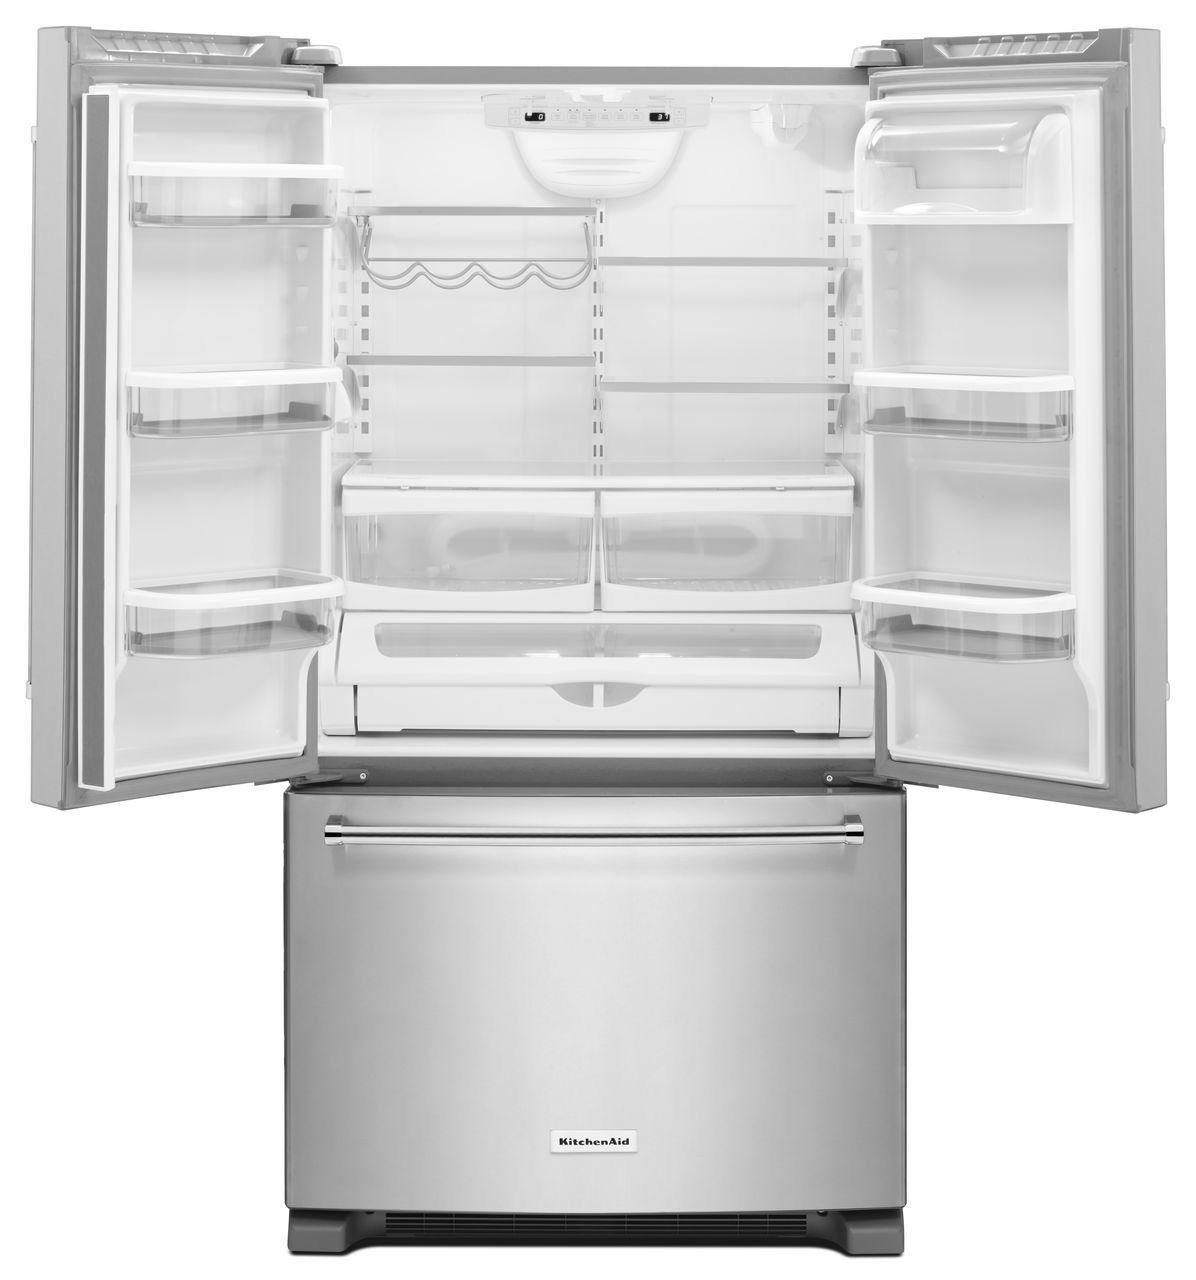 kitchenaid refrigerator kbfs20ecms - Kitchen Design